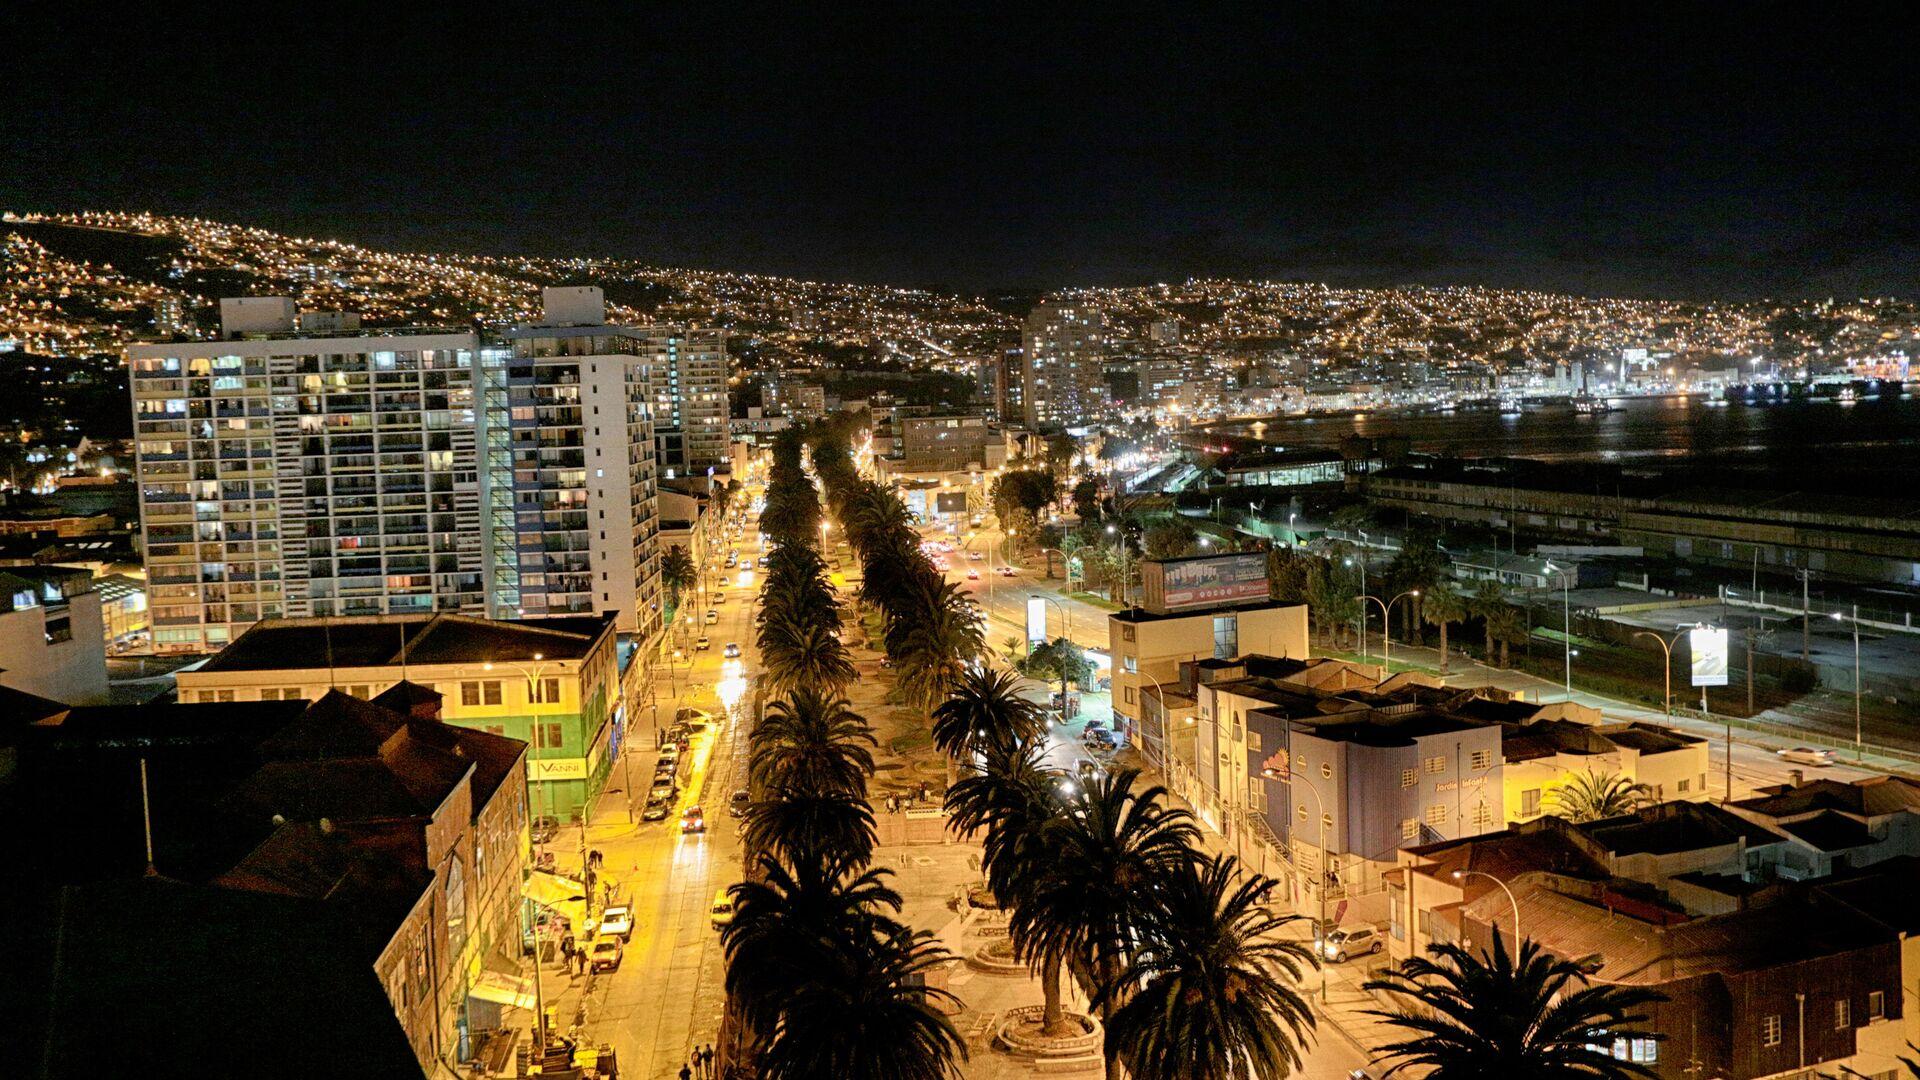 1509124228 0:160:3072:1888 1920x0 80 0 0 e6ec6777087fa934524db44e64db2785 - Чили откроется с 1 октября для туристов, но при условии наличия ПЦР-теста и карантина